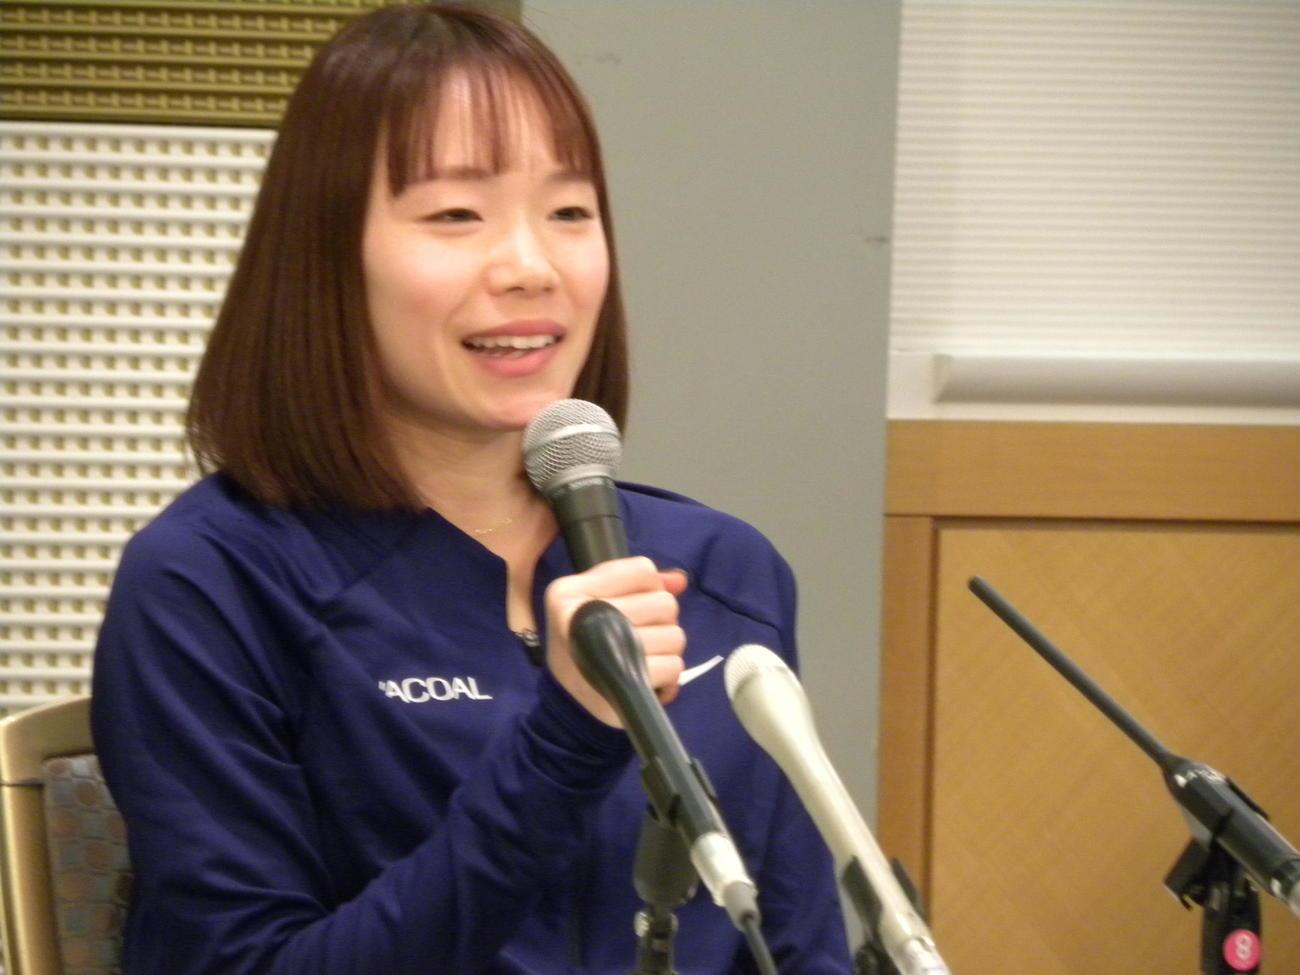 大阪国際女子マラソンの一夜明け会見で思いを語るワコールの一山麻緒(撮影・松本航)